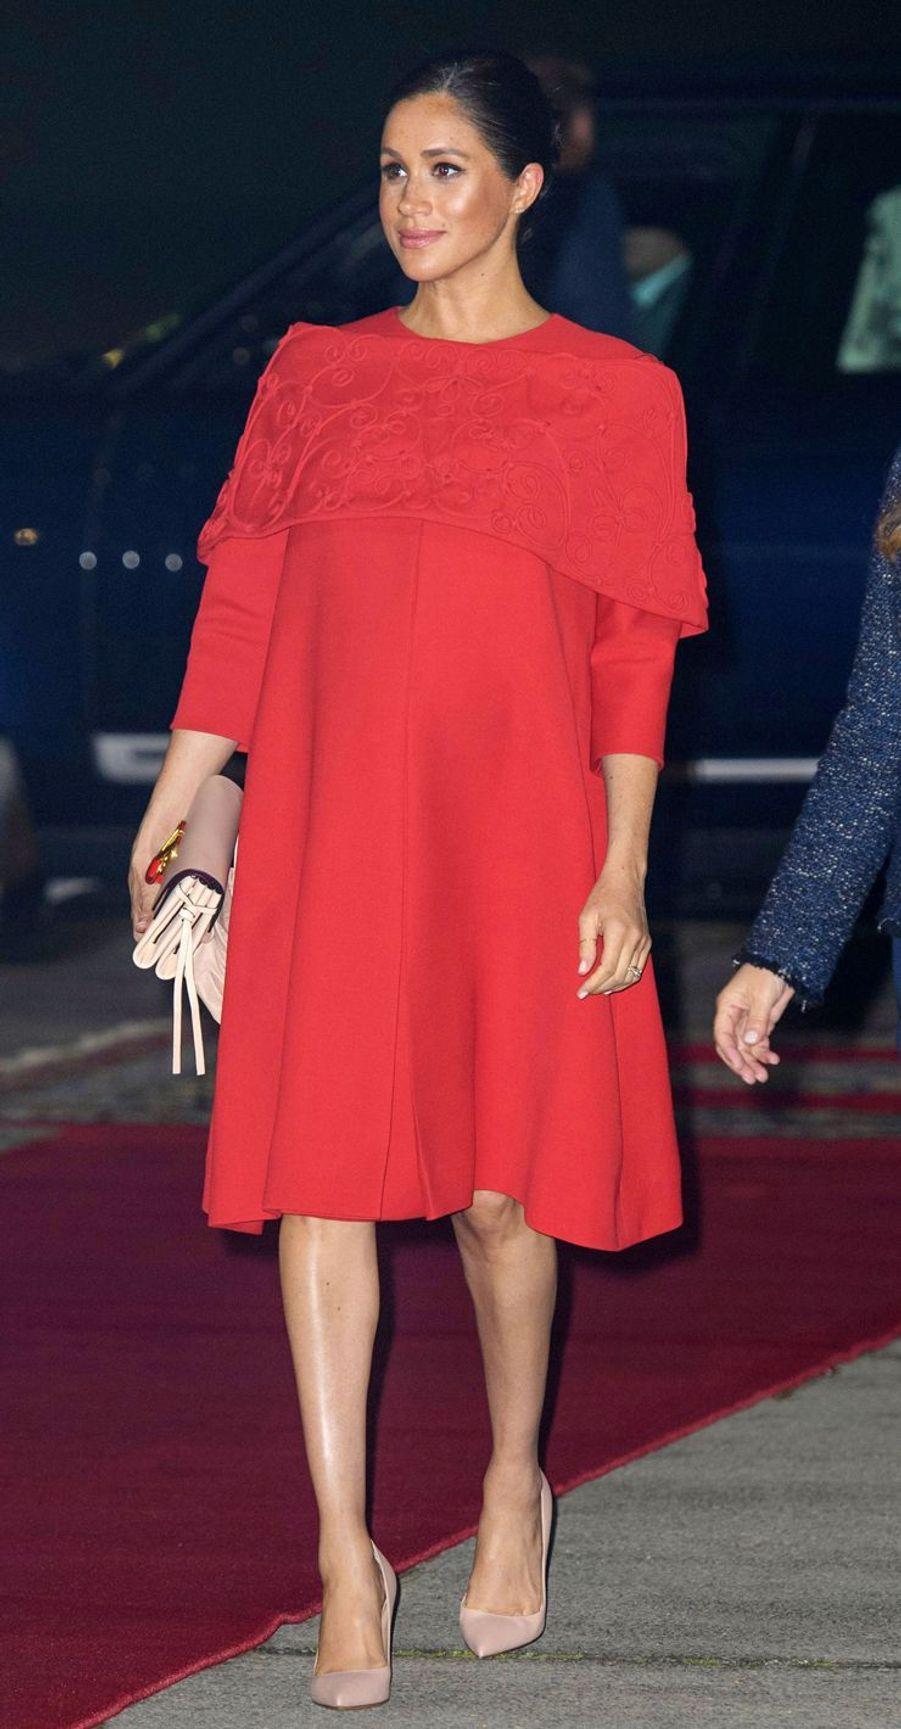 Meghan Markle arrivant en robe Valentino à l'aéroport de Casablanca, le 23 février 2019